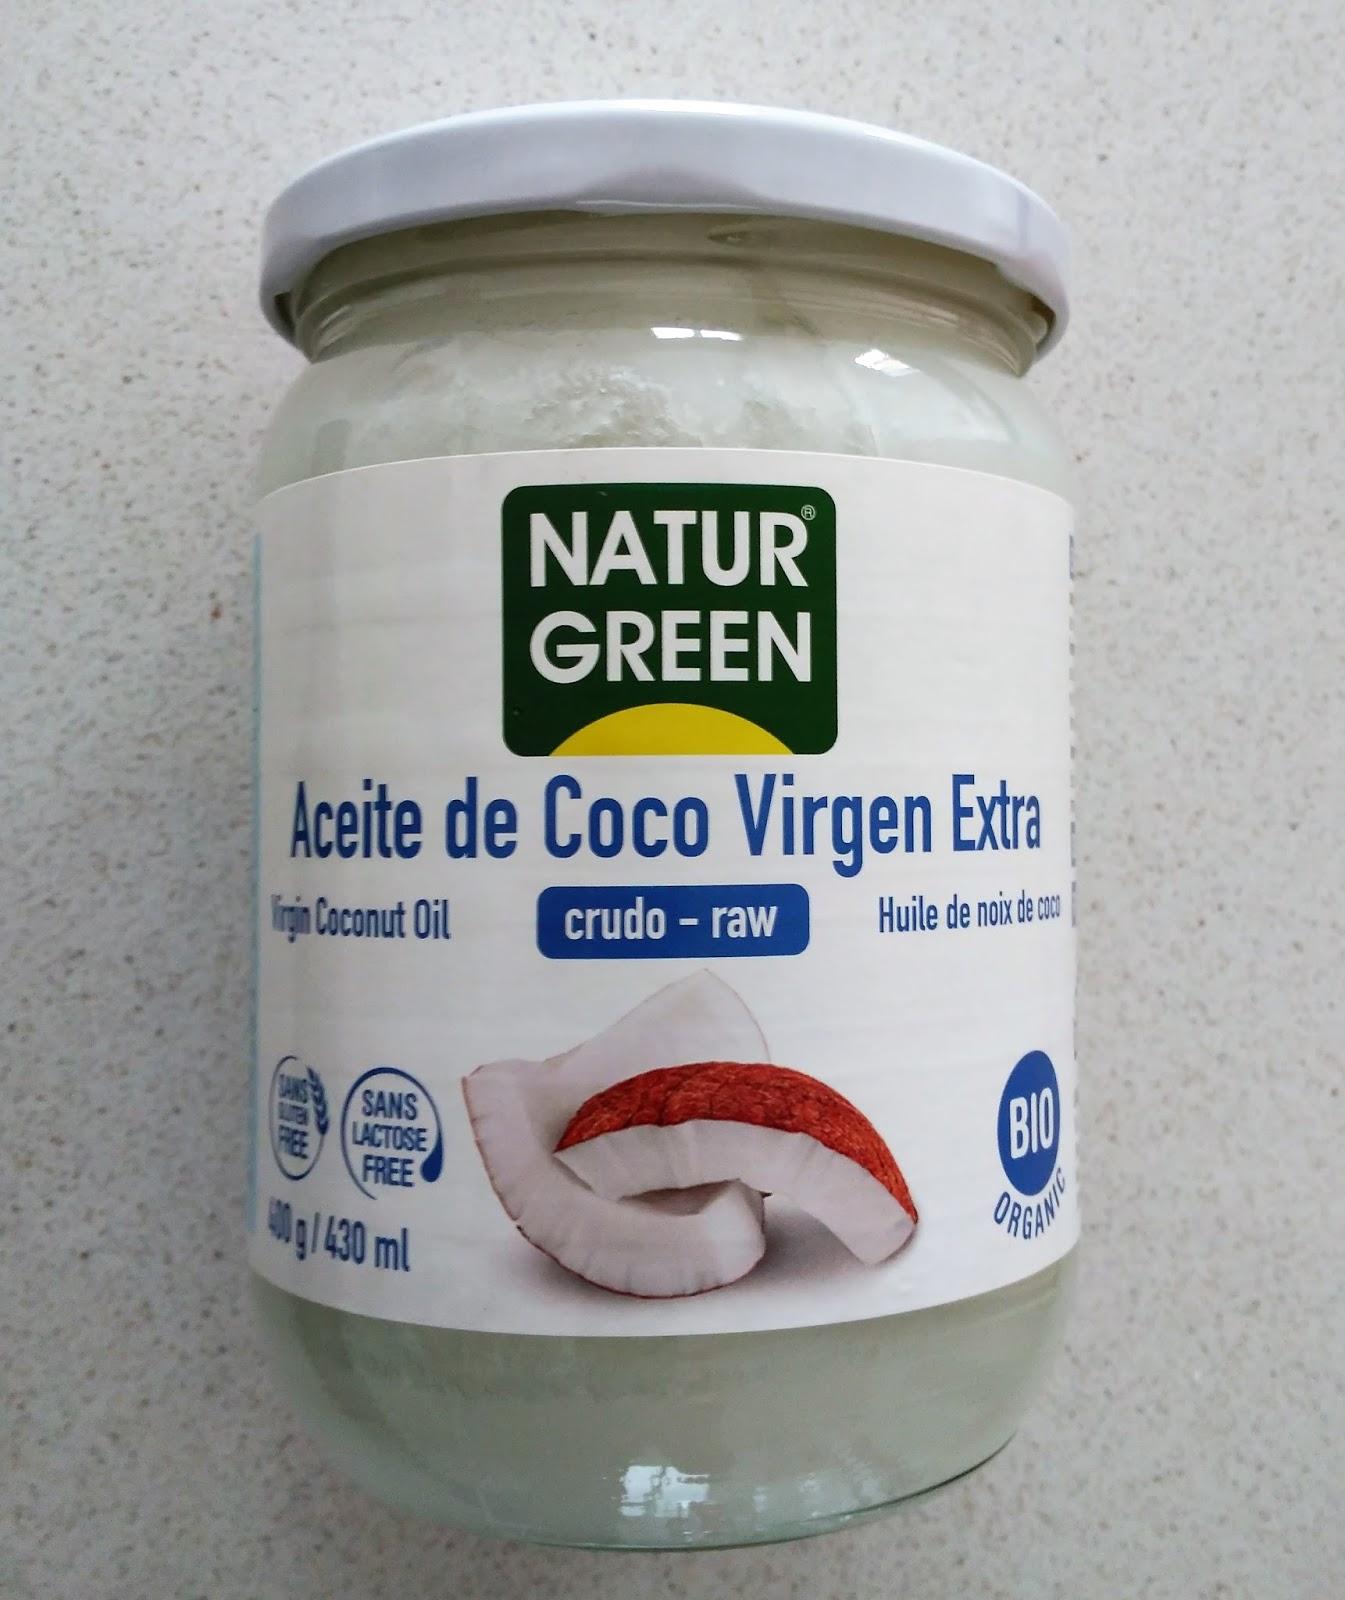 Aceite de coco virgen extra canada